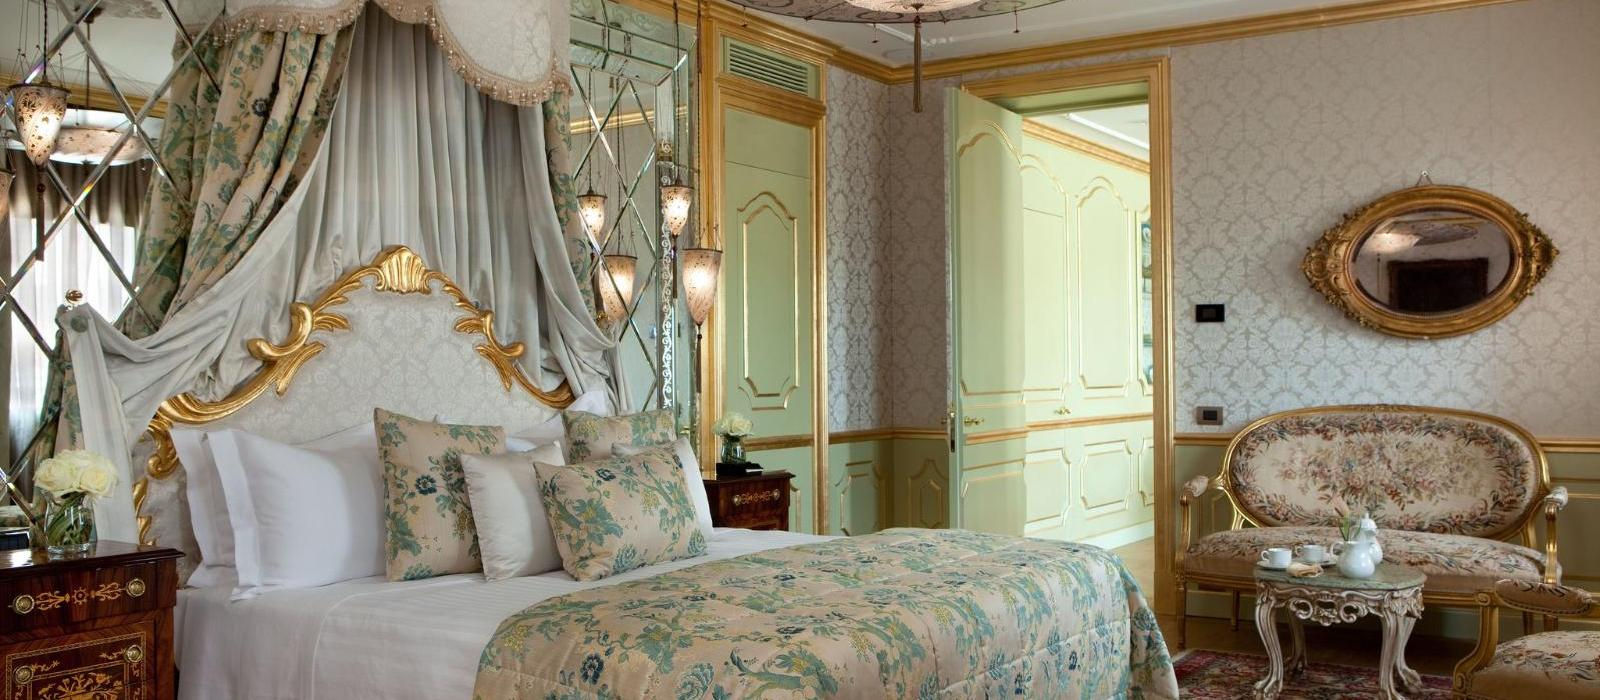 露纳巴廖尼酒店(Baglioni Hotel Luna) 圣乔治套房主卧图片  www.lhw.cn